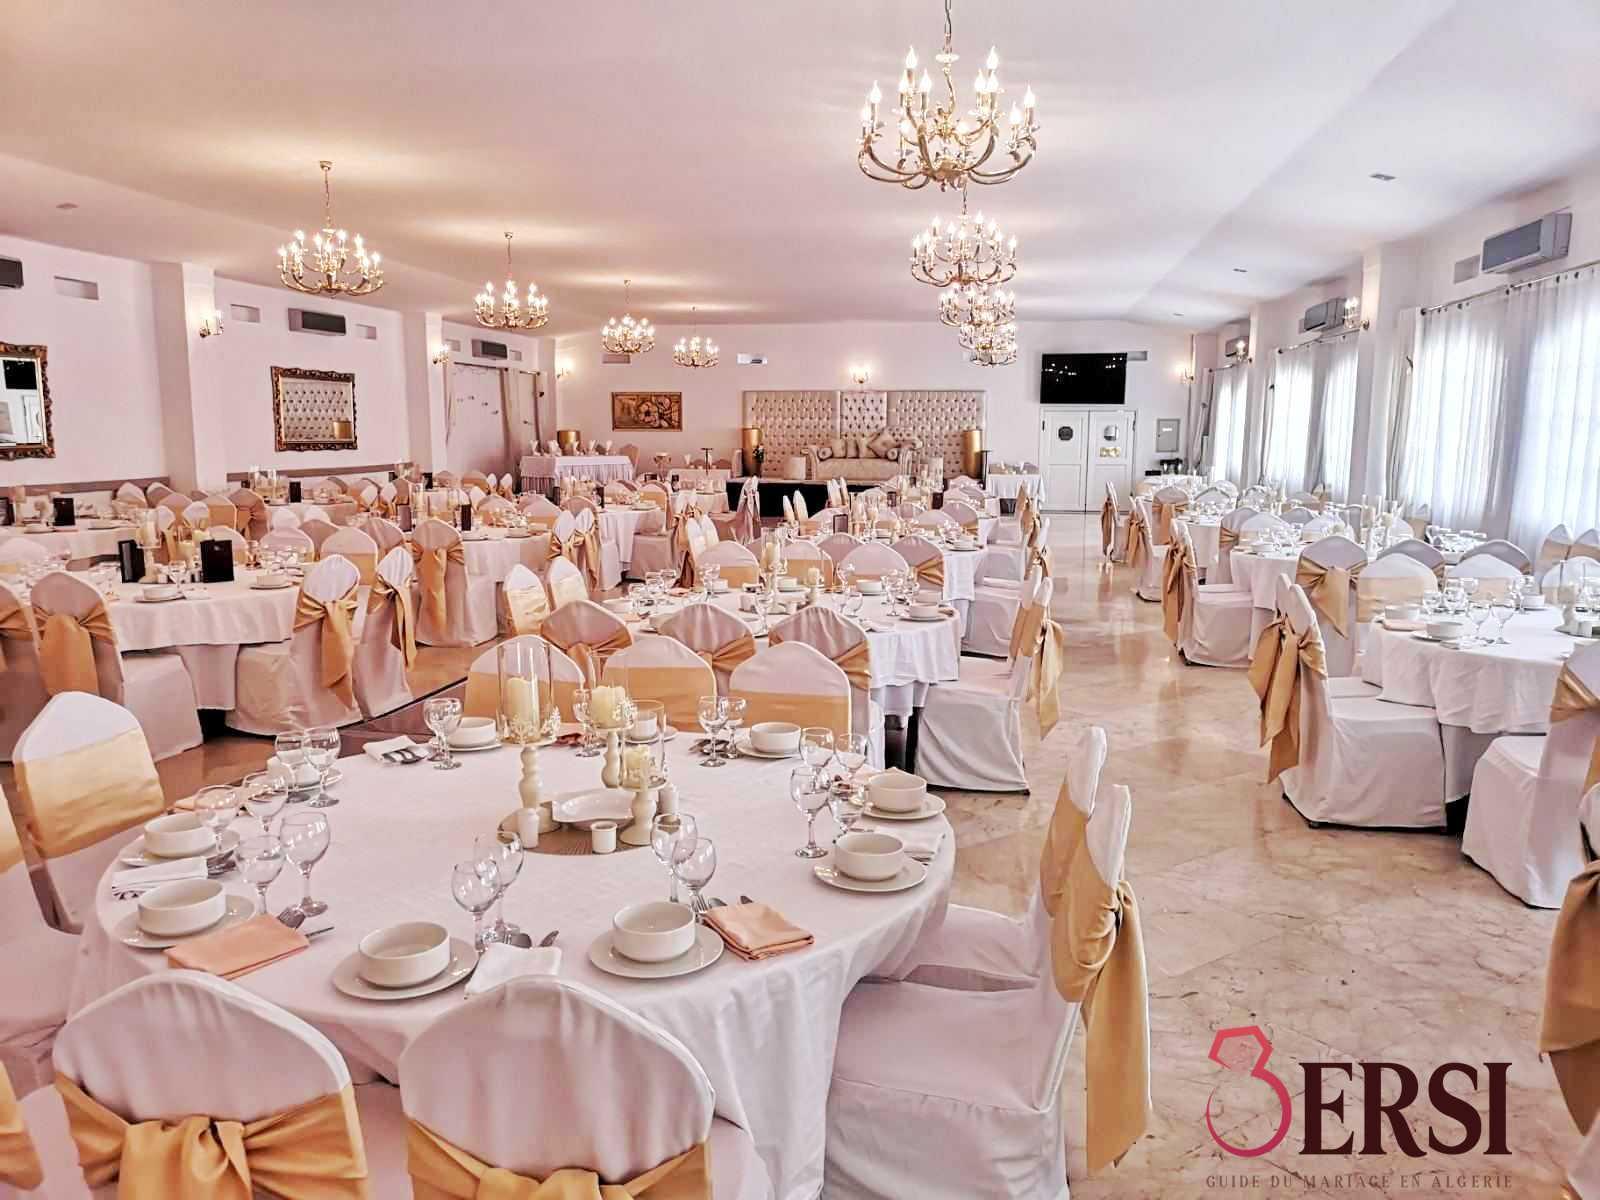 Top 10 des salles des fêtes à Alger : la sélection 3ersi.com